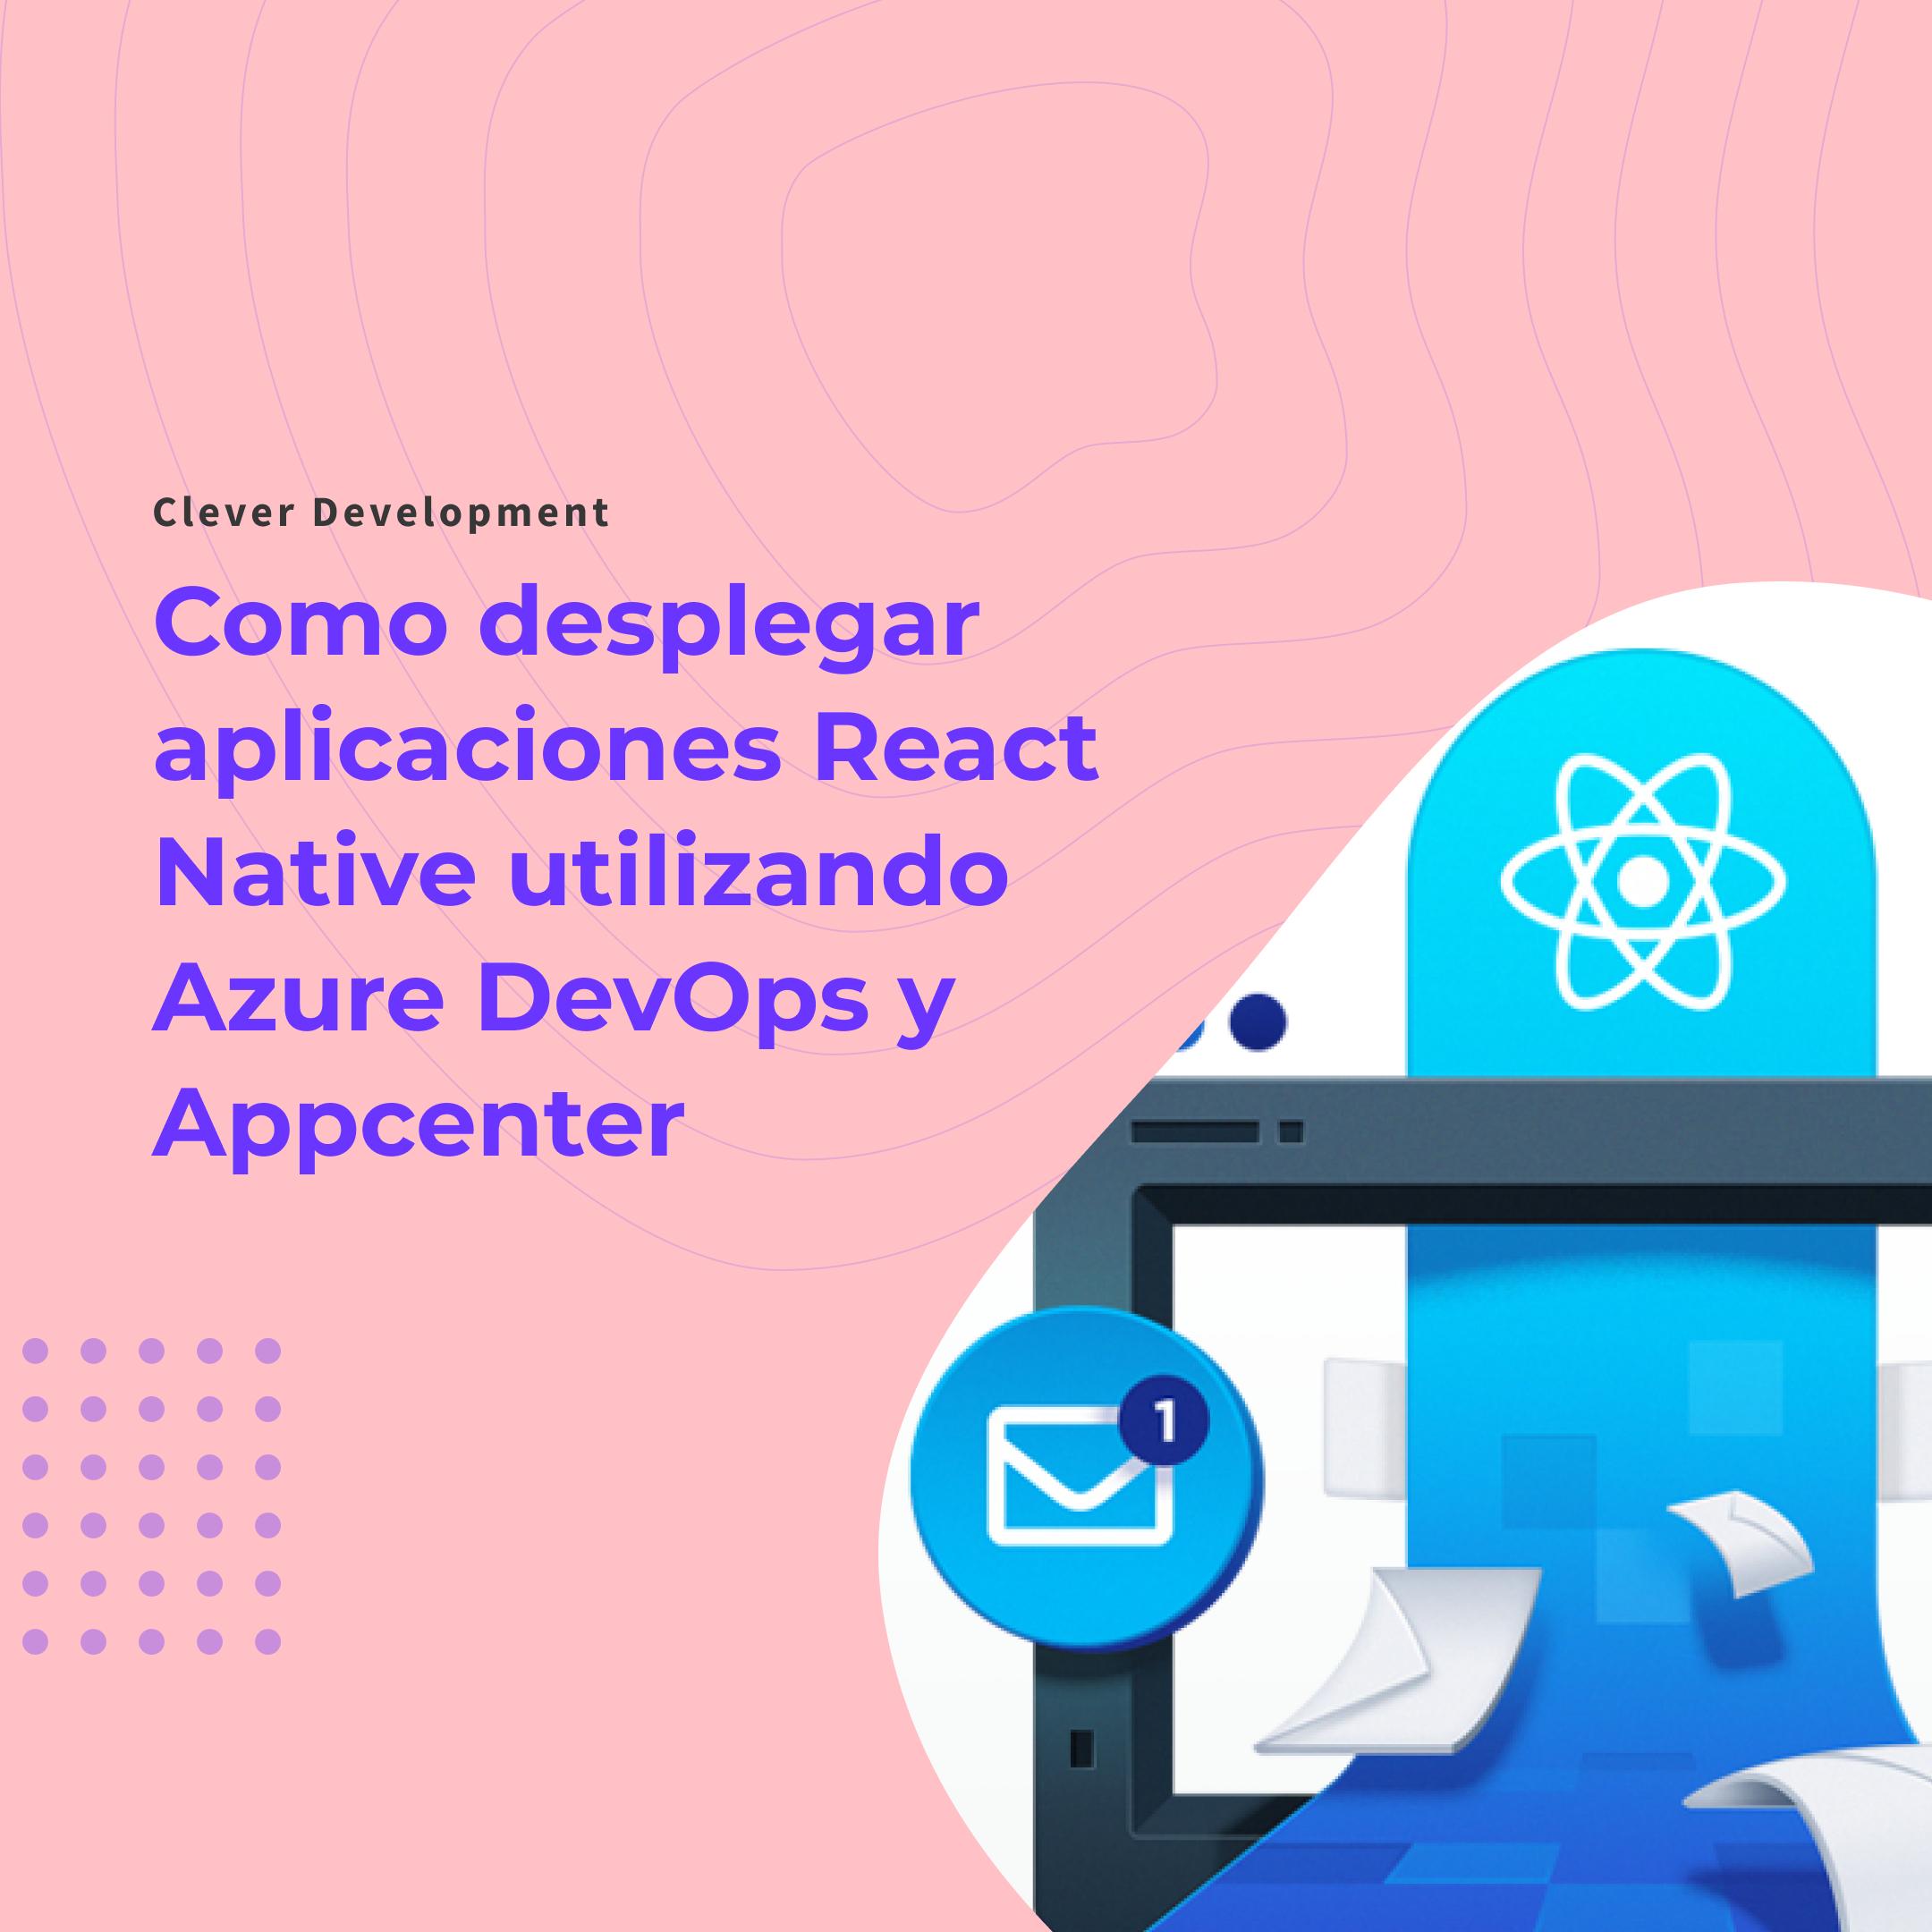 Como desplegar aplicaciones React Native utilizando Azure DevOps y Appcenter